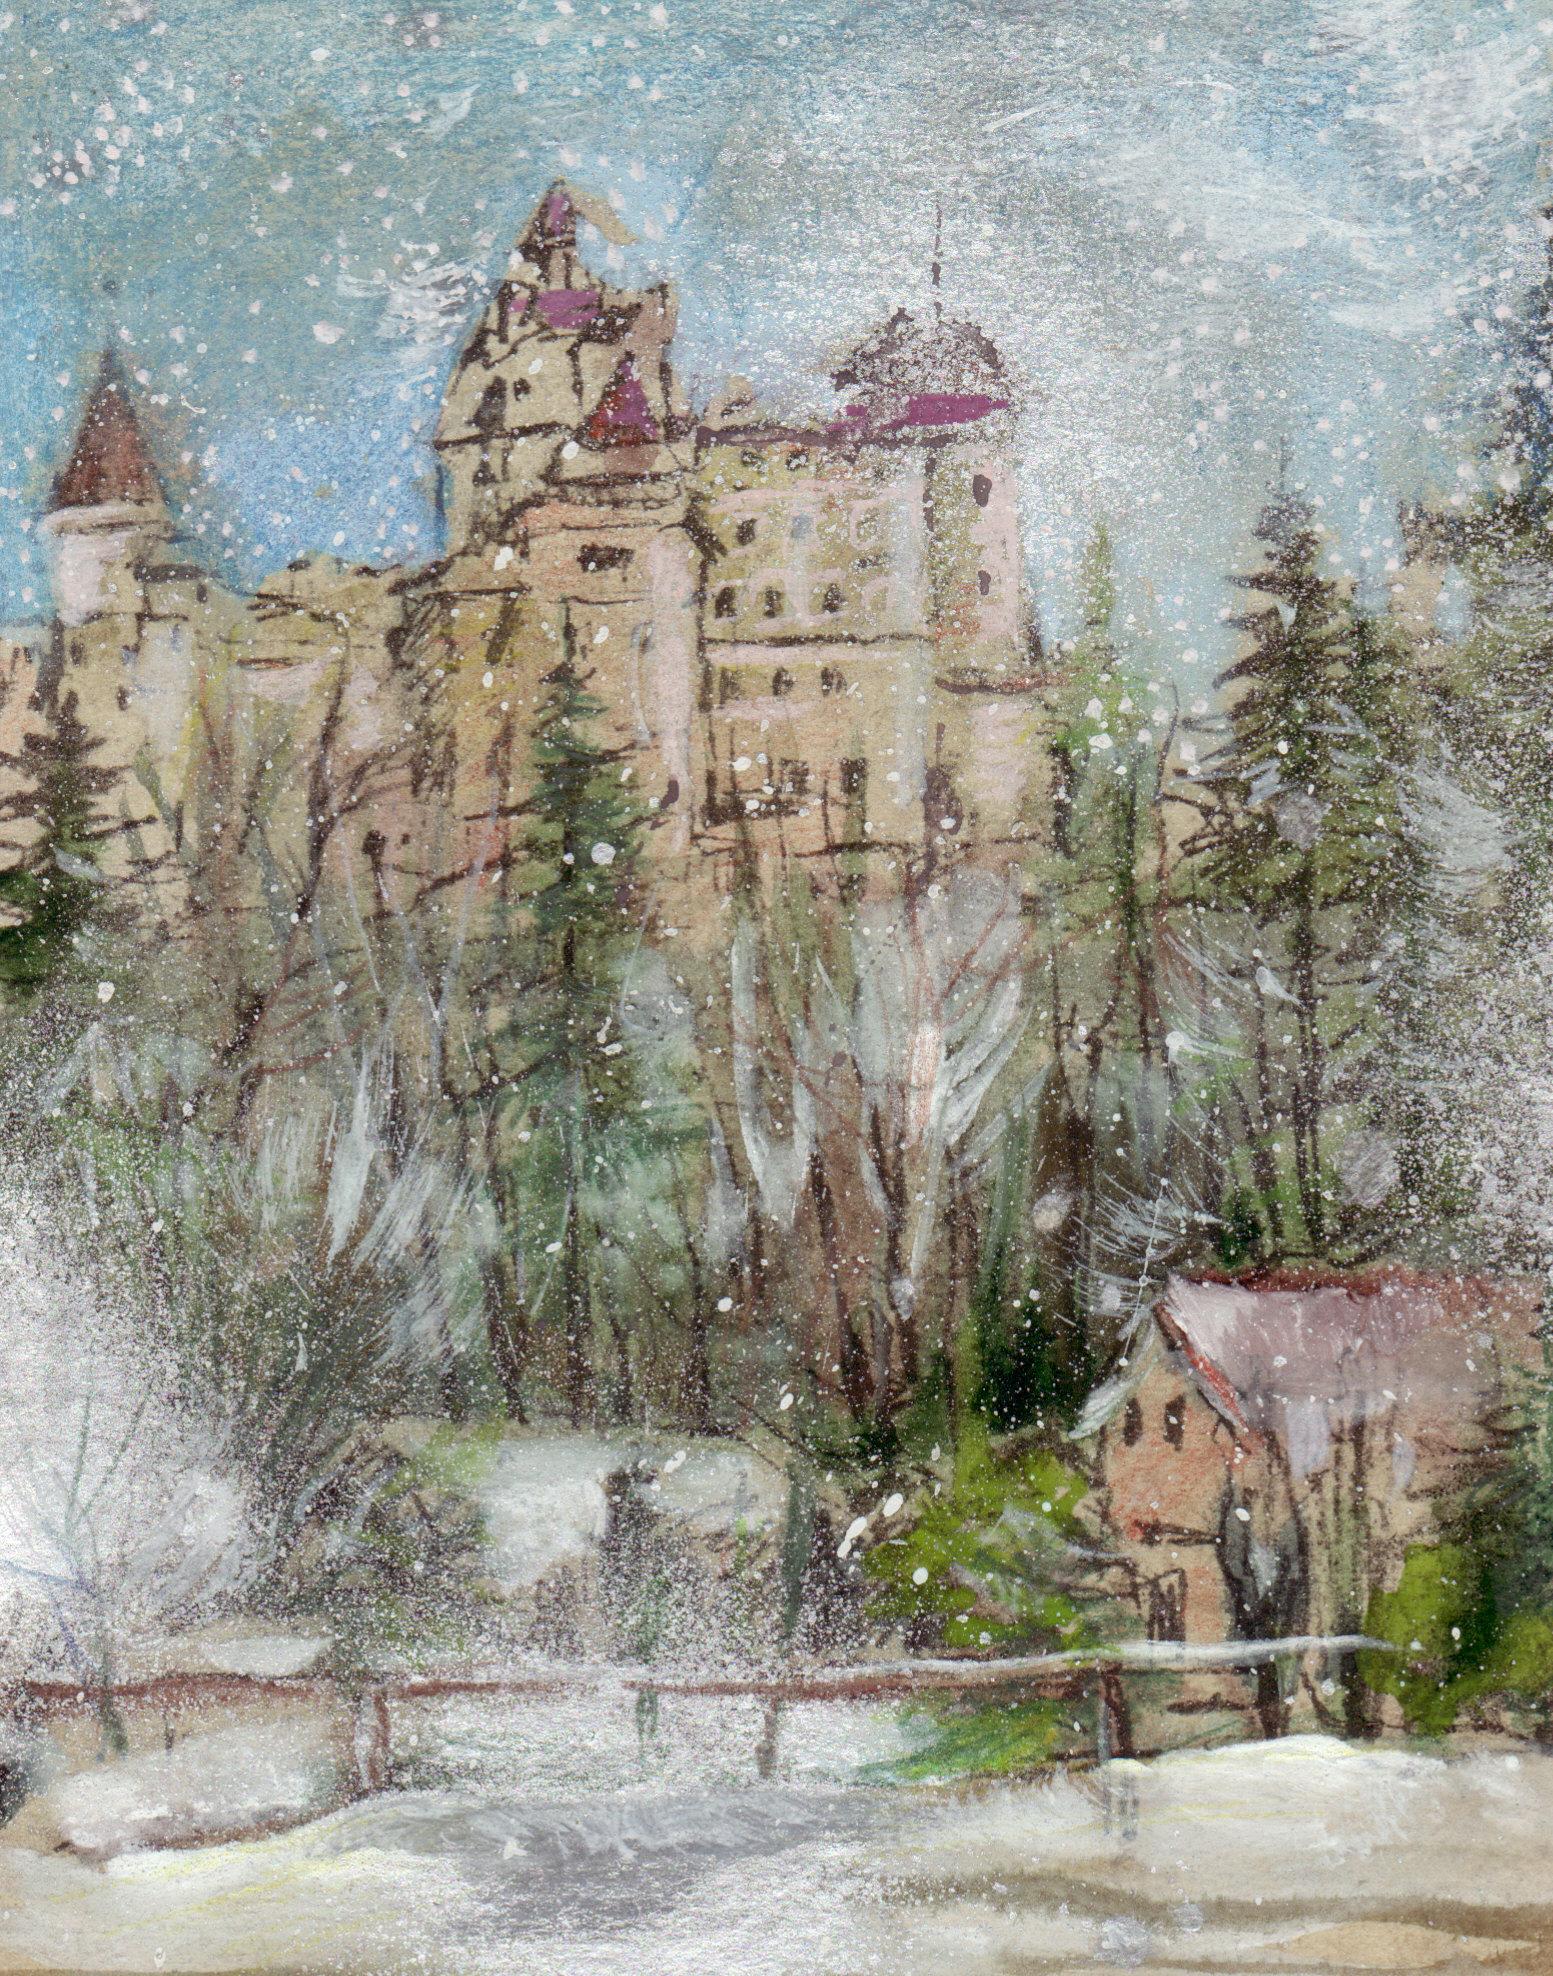 209 Castelul Bran.jpg